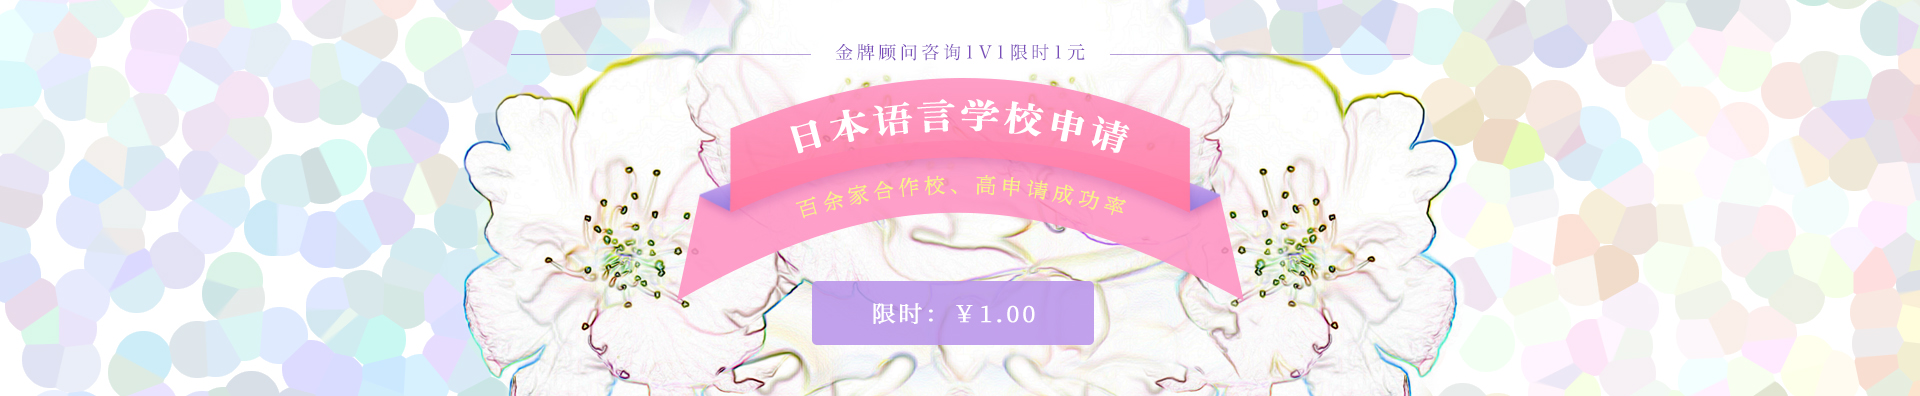 日本语言学校申请金牌顾问咨询1V1